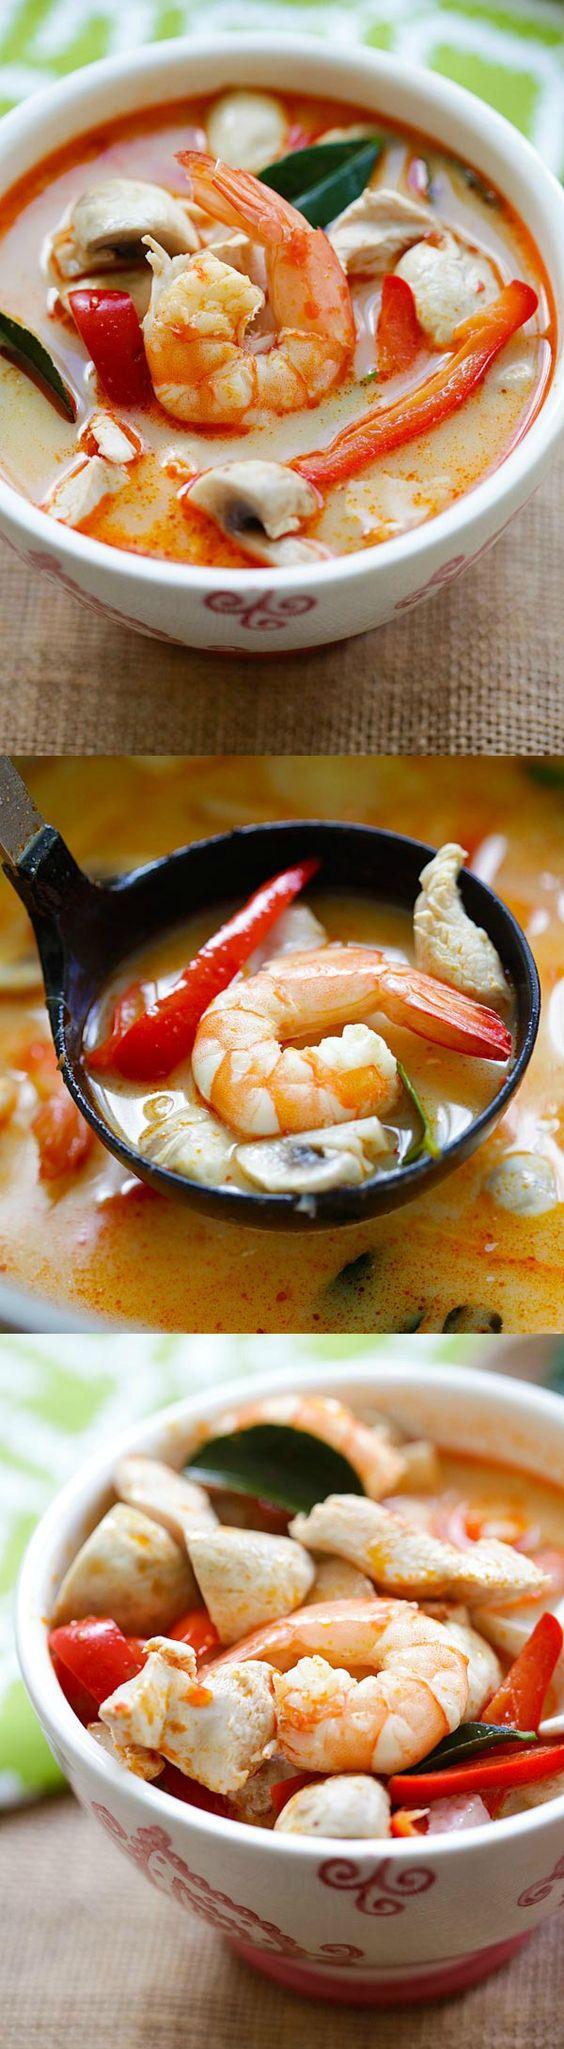 Thai Coconut Chicken and Shrimp Soup | Recipe | Shrimp ...